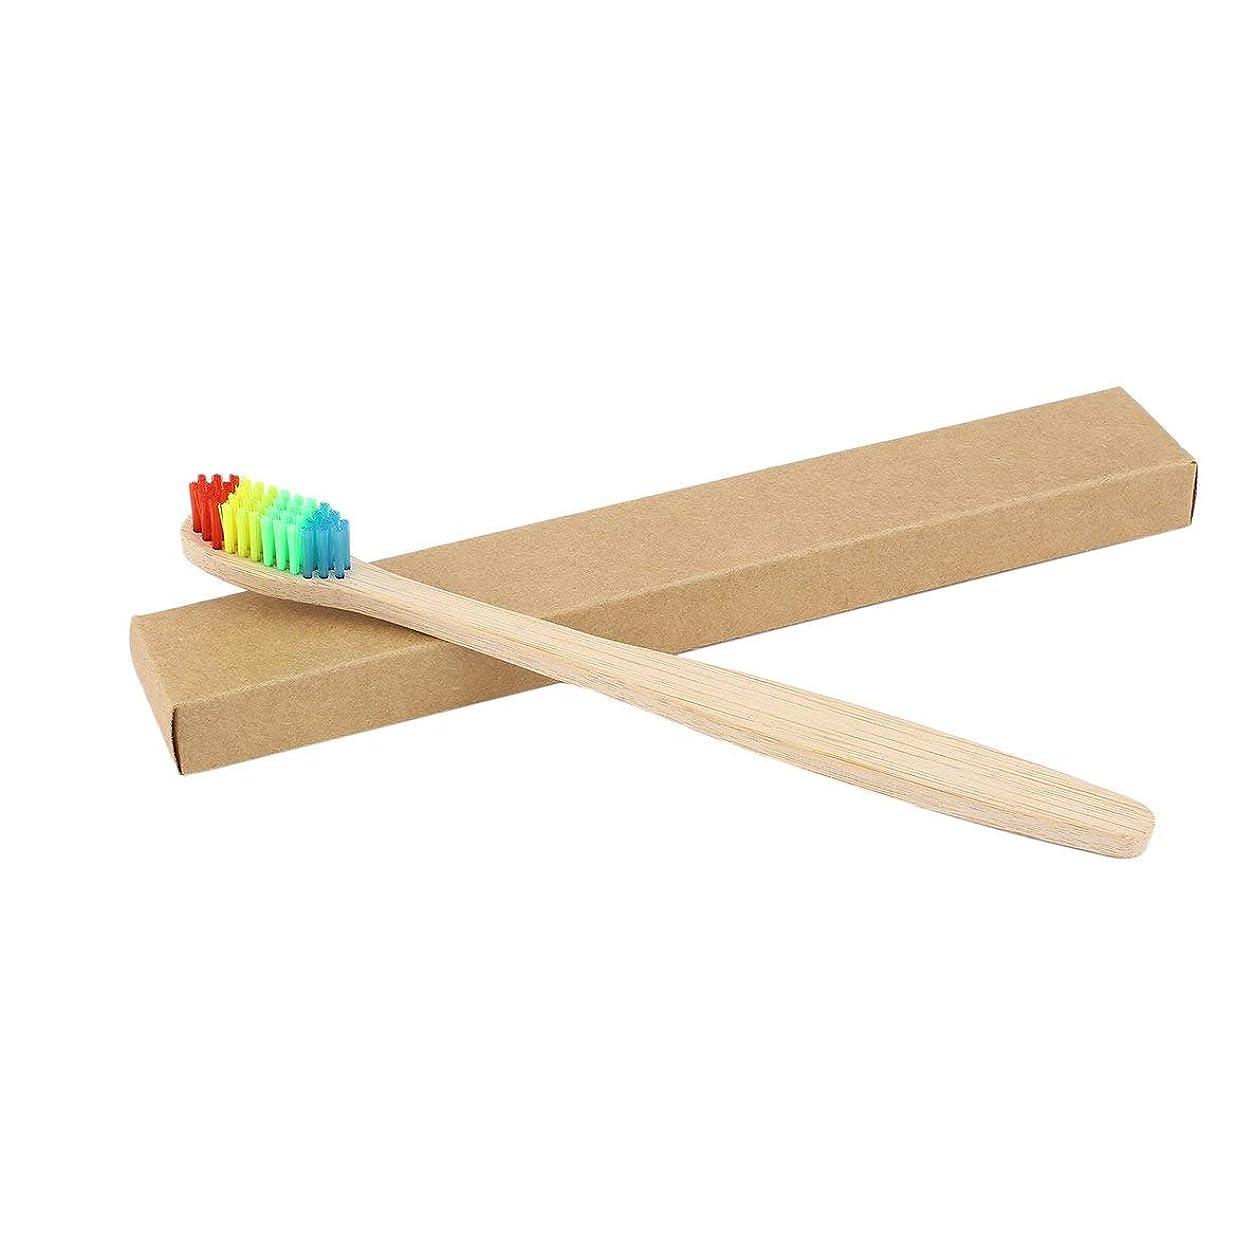 ロンドン切り刻むマイコンカラフルな髪+竹のハンドル歯ブラシ環境木製の虹竹の歯ブラシオーラルケアソフト剛毛ユニセックス - ウッドカラー+カラフル